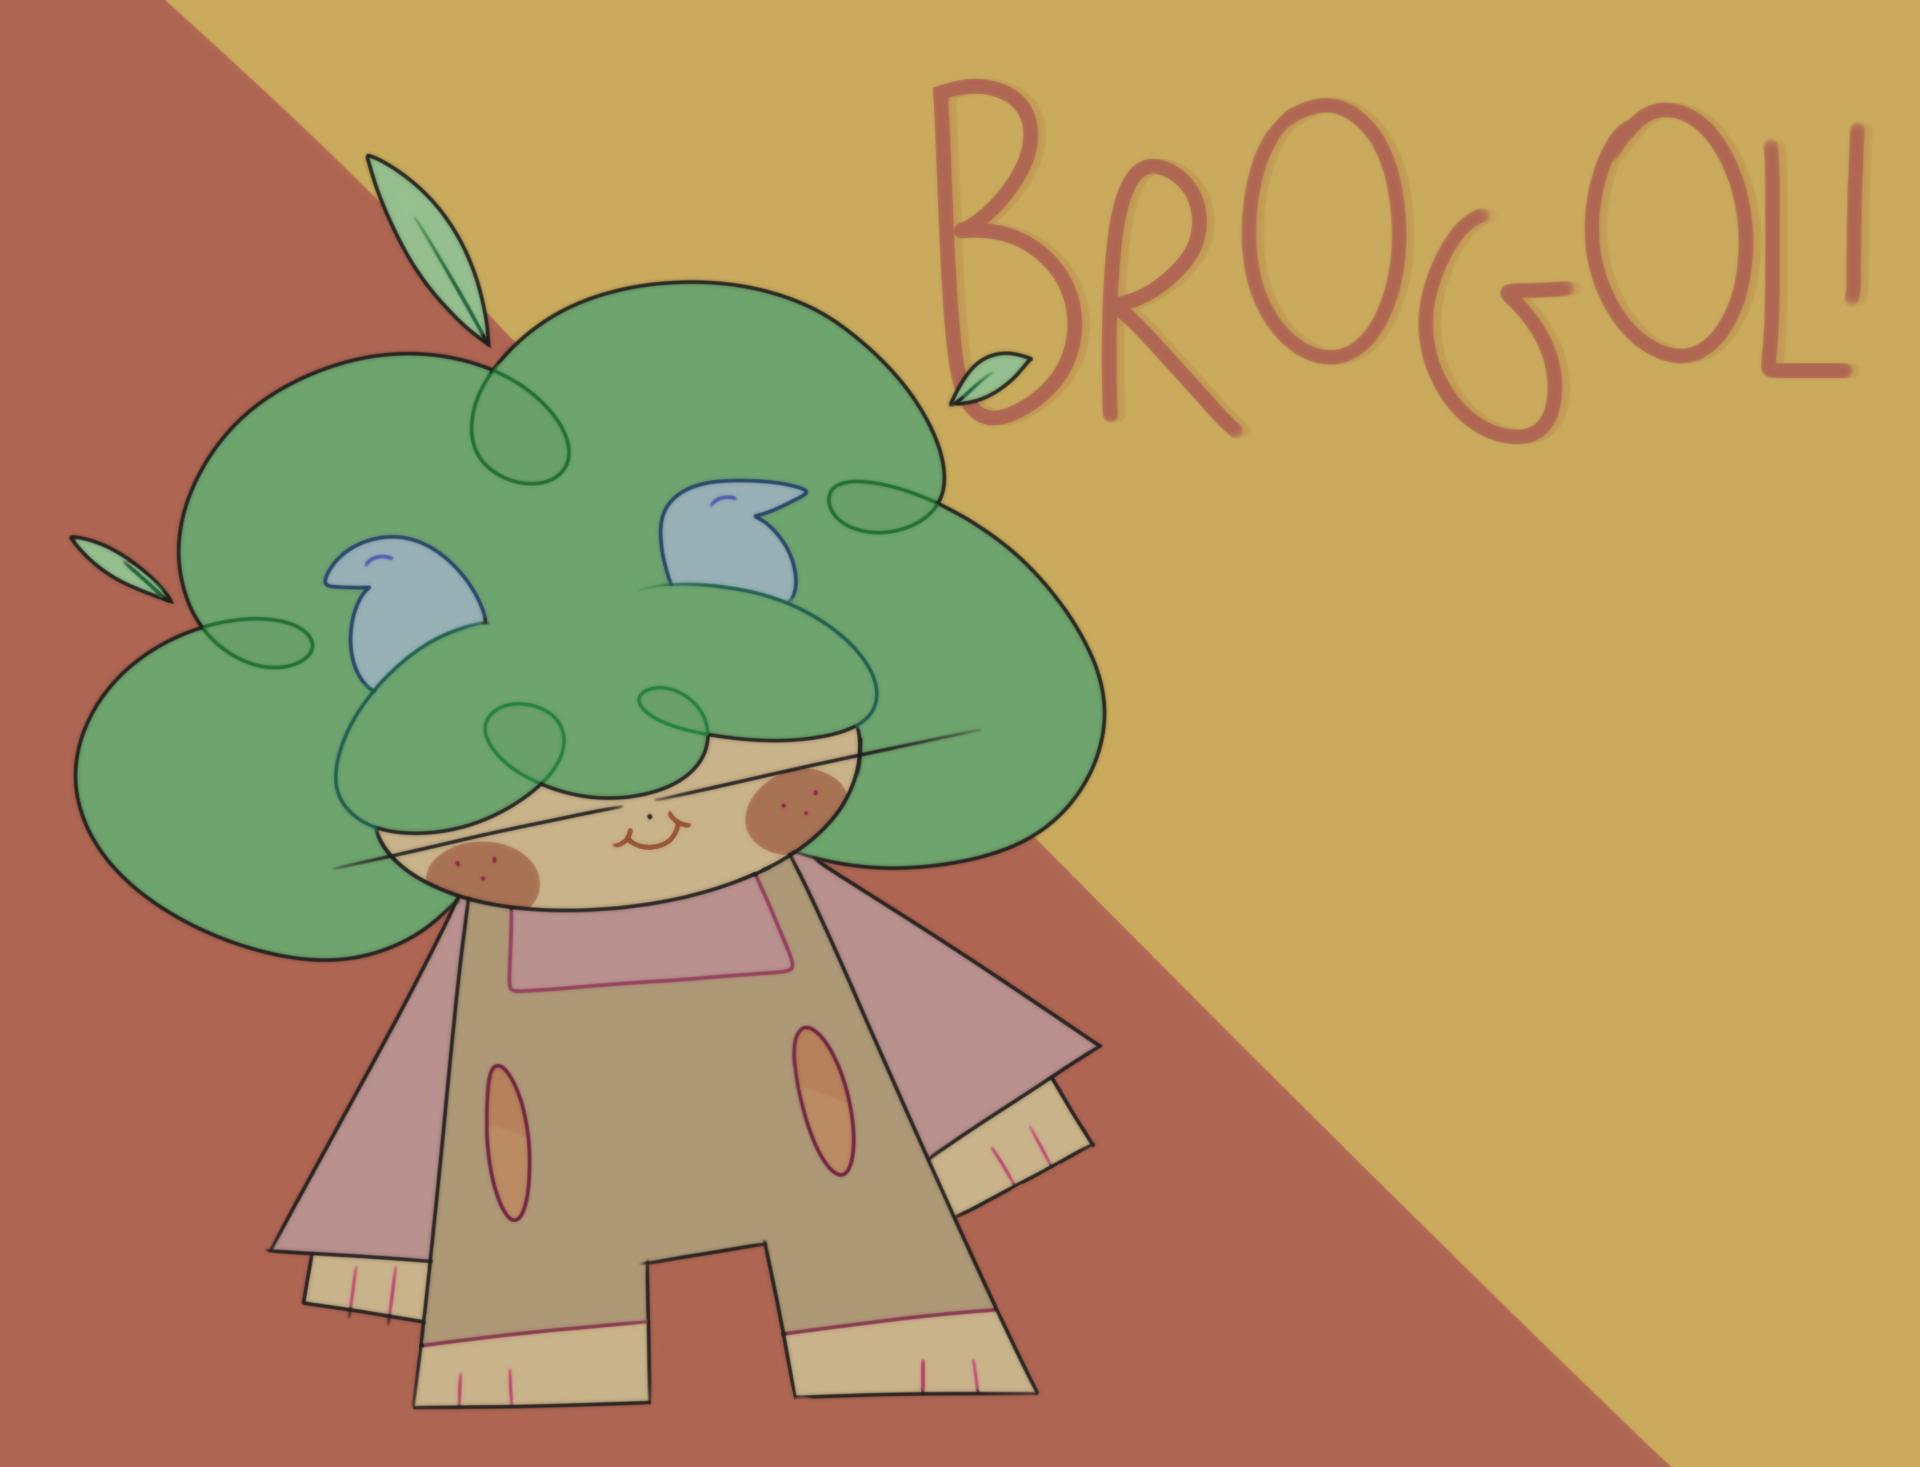 (REF) Brogoli Brogle